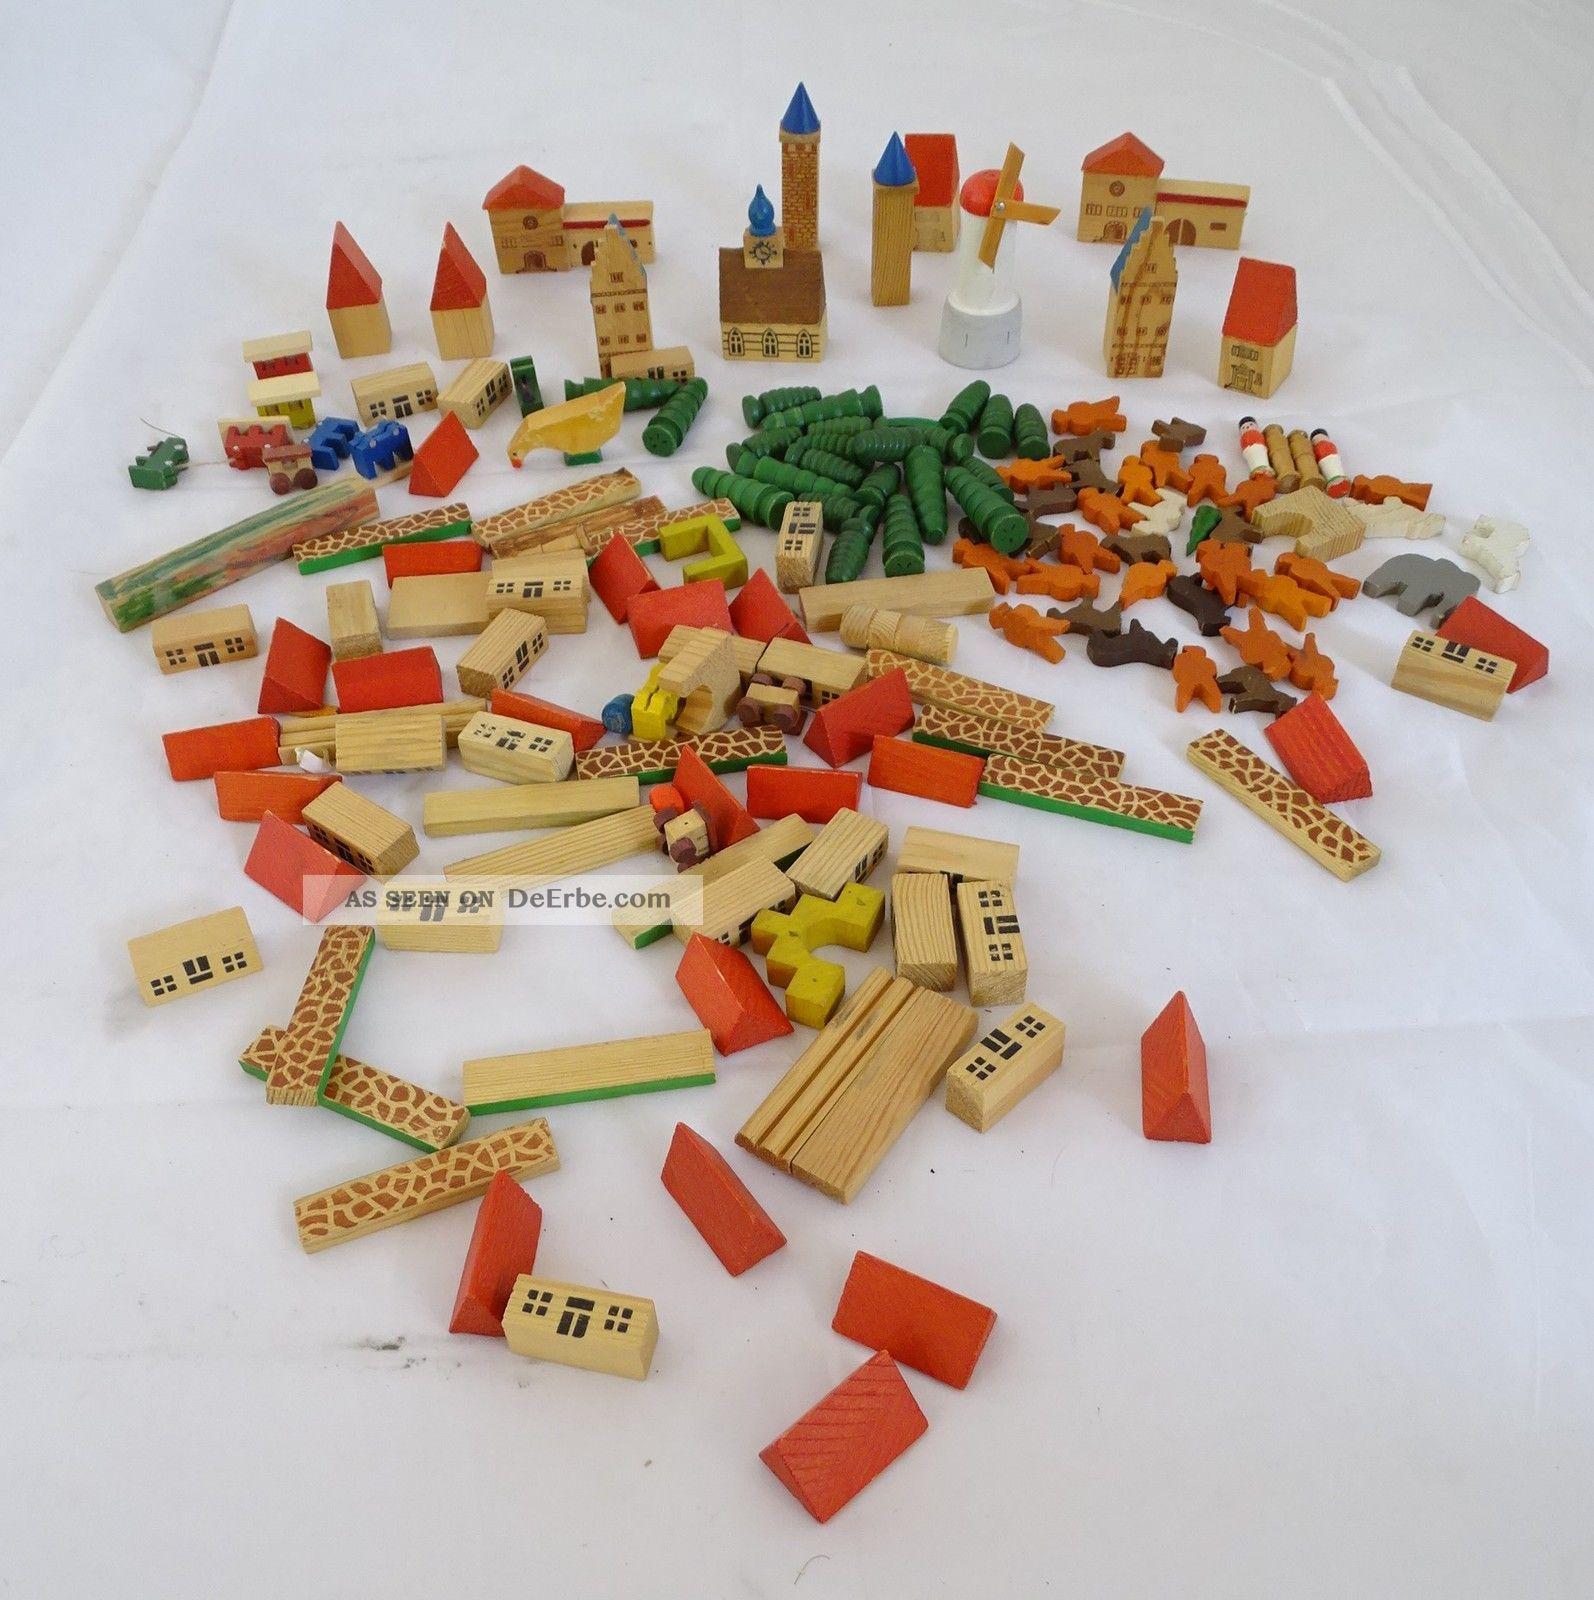 Konvolut Miniatur Holzspielzeug Stadt Windmühle Bauklötze Häuser Wohl Erzgebirge Holzspielzeug Bild